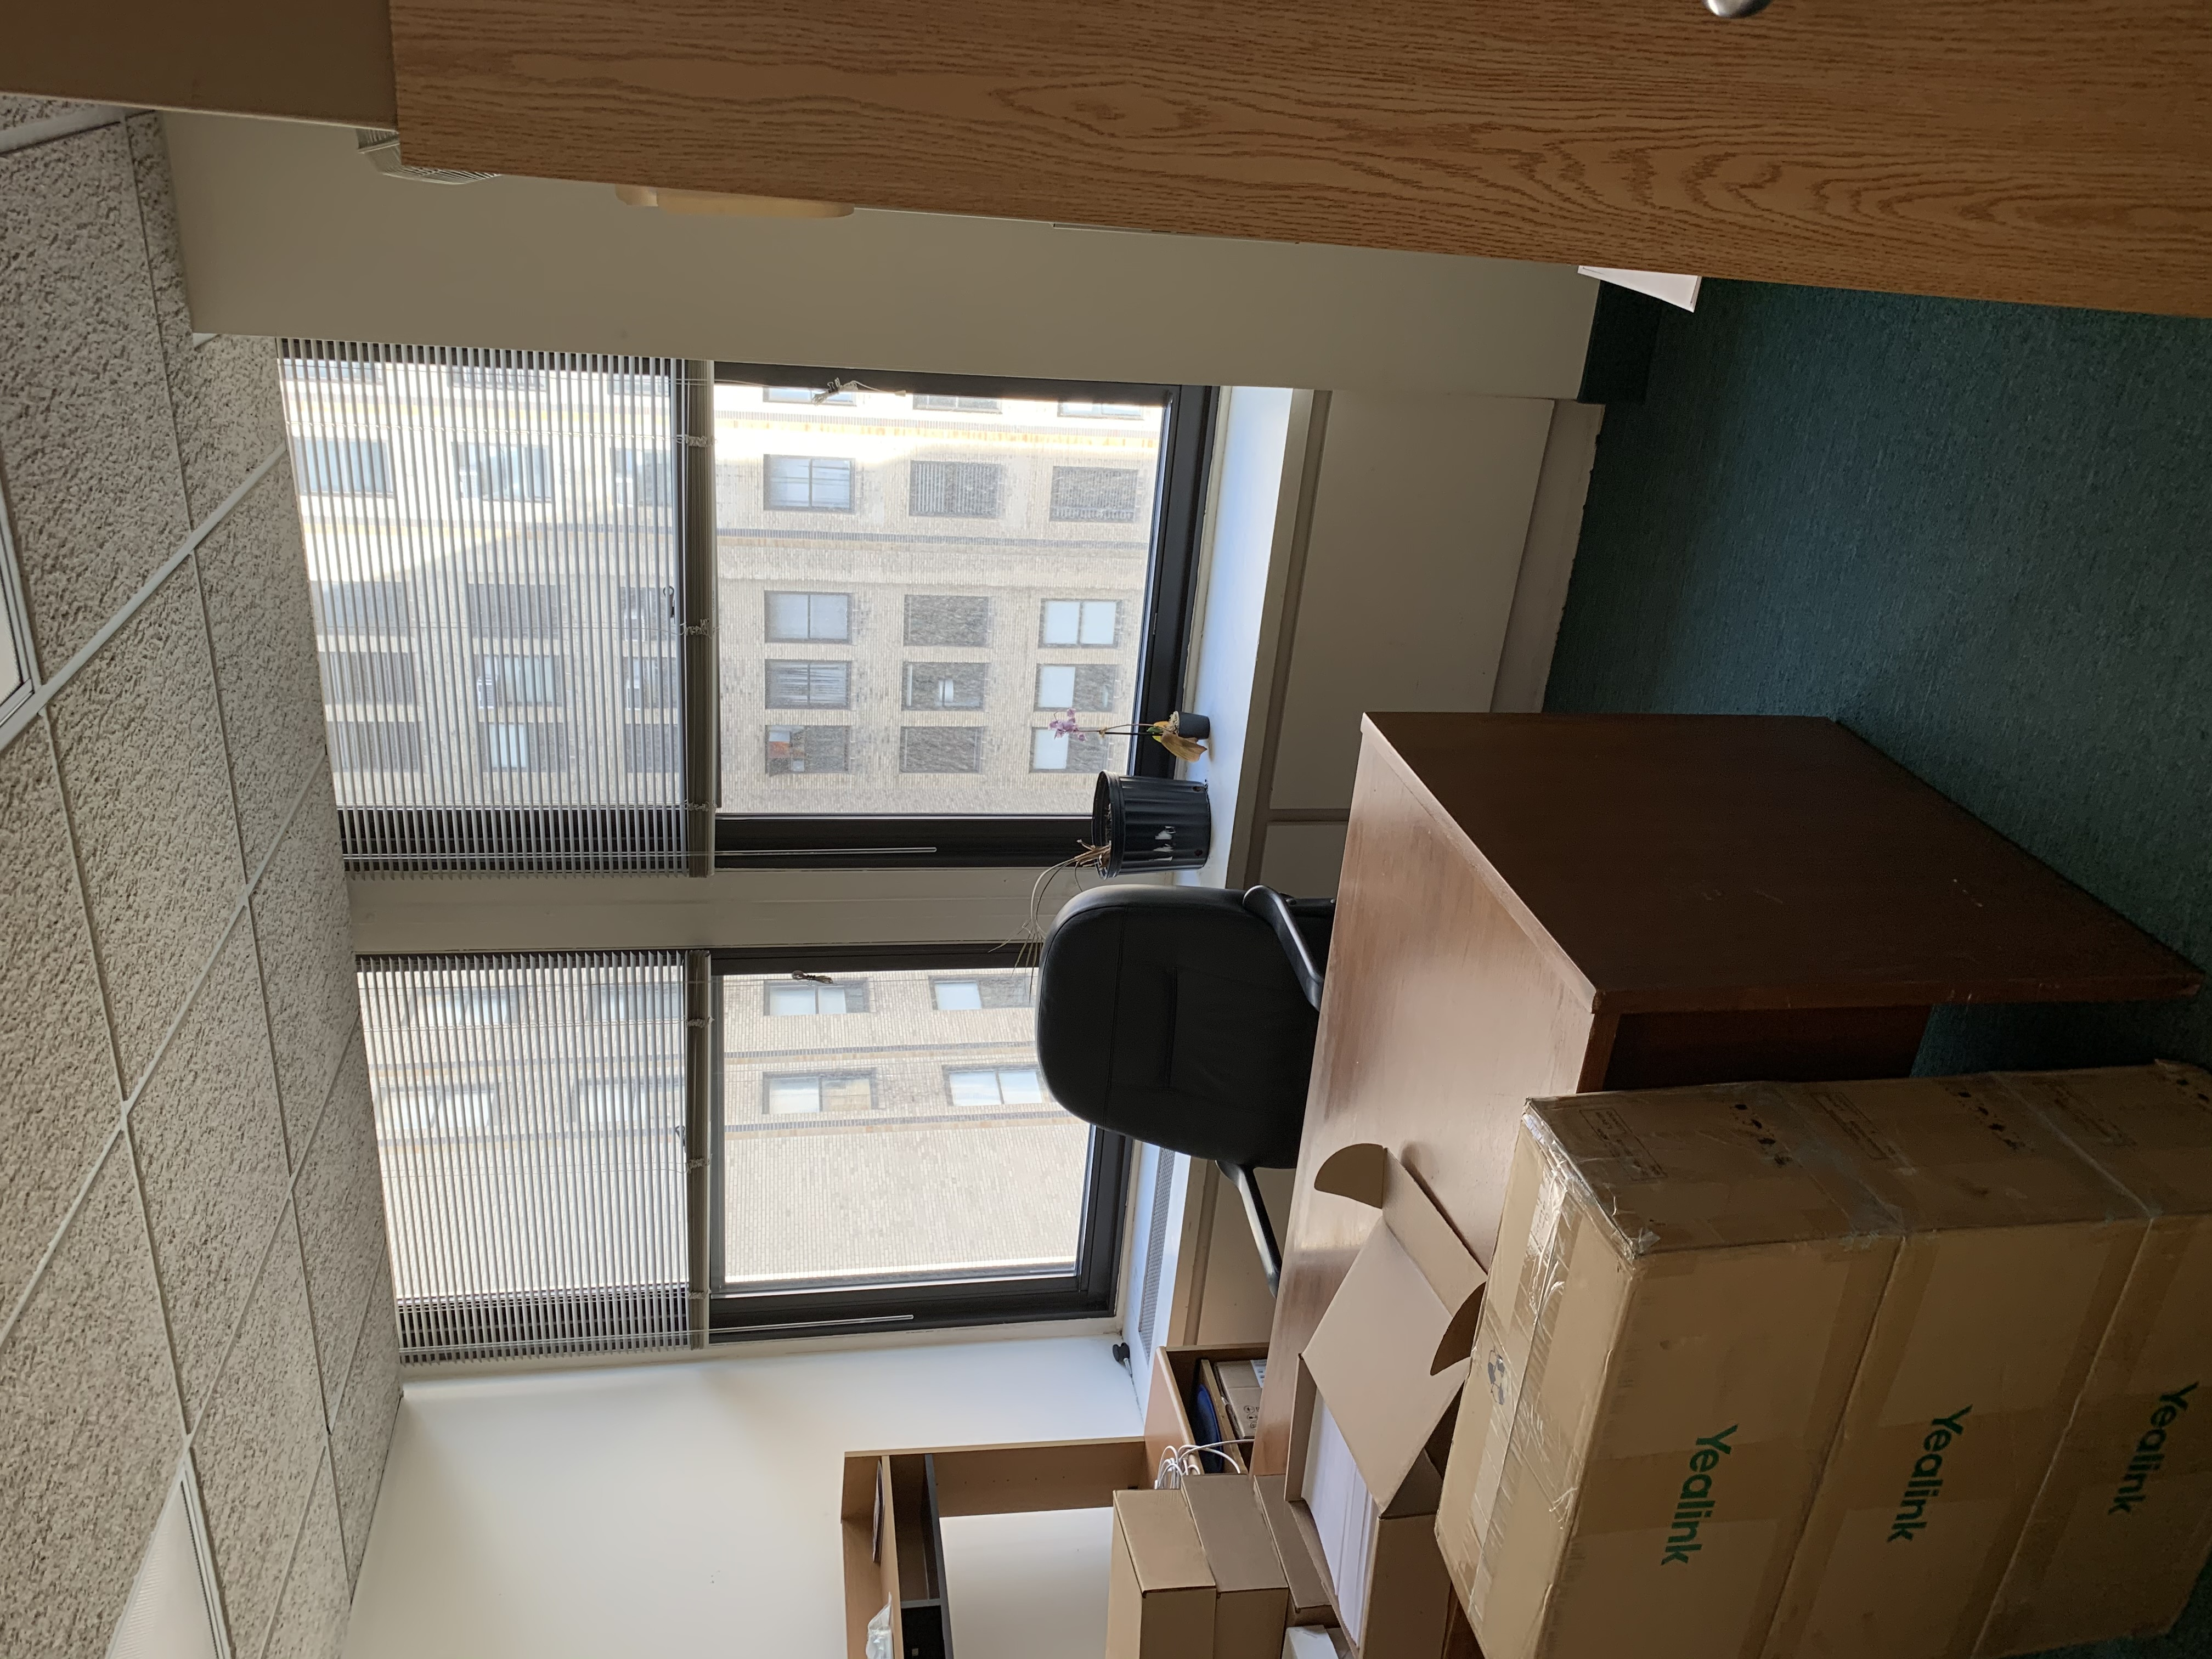 330 7th Avenue, 15th Floor New York City, NY 10001